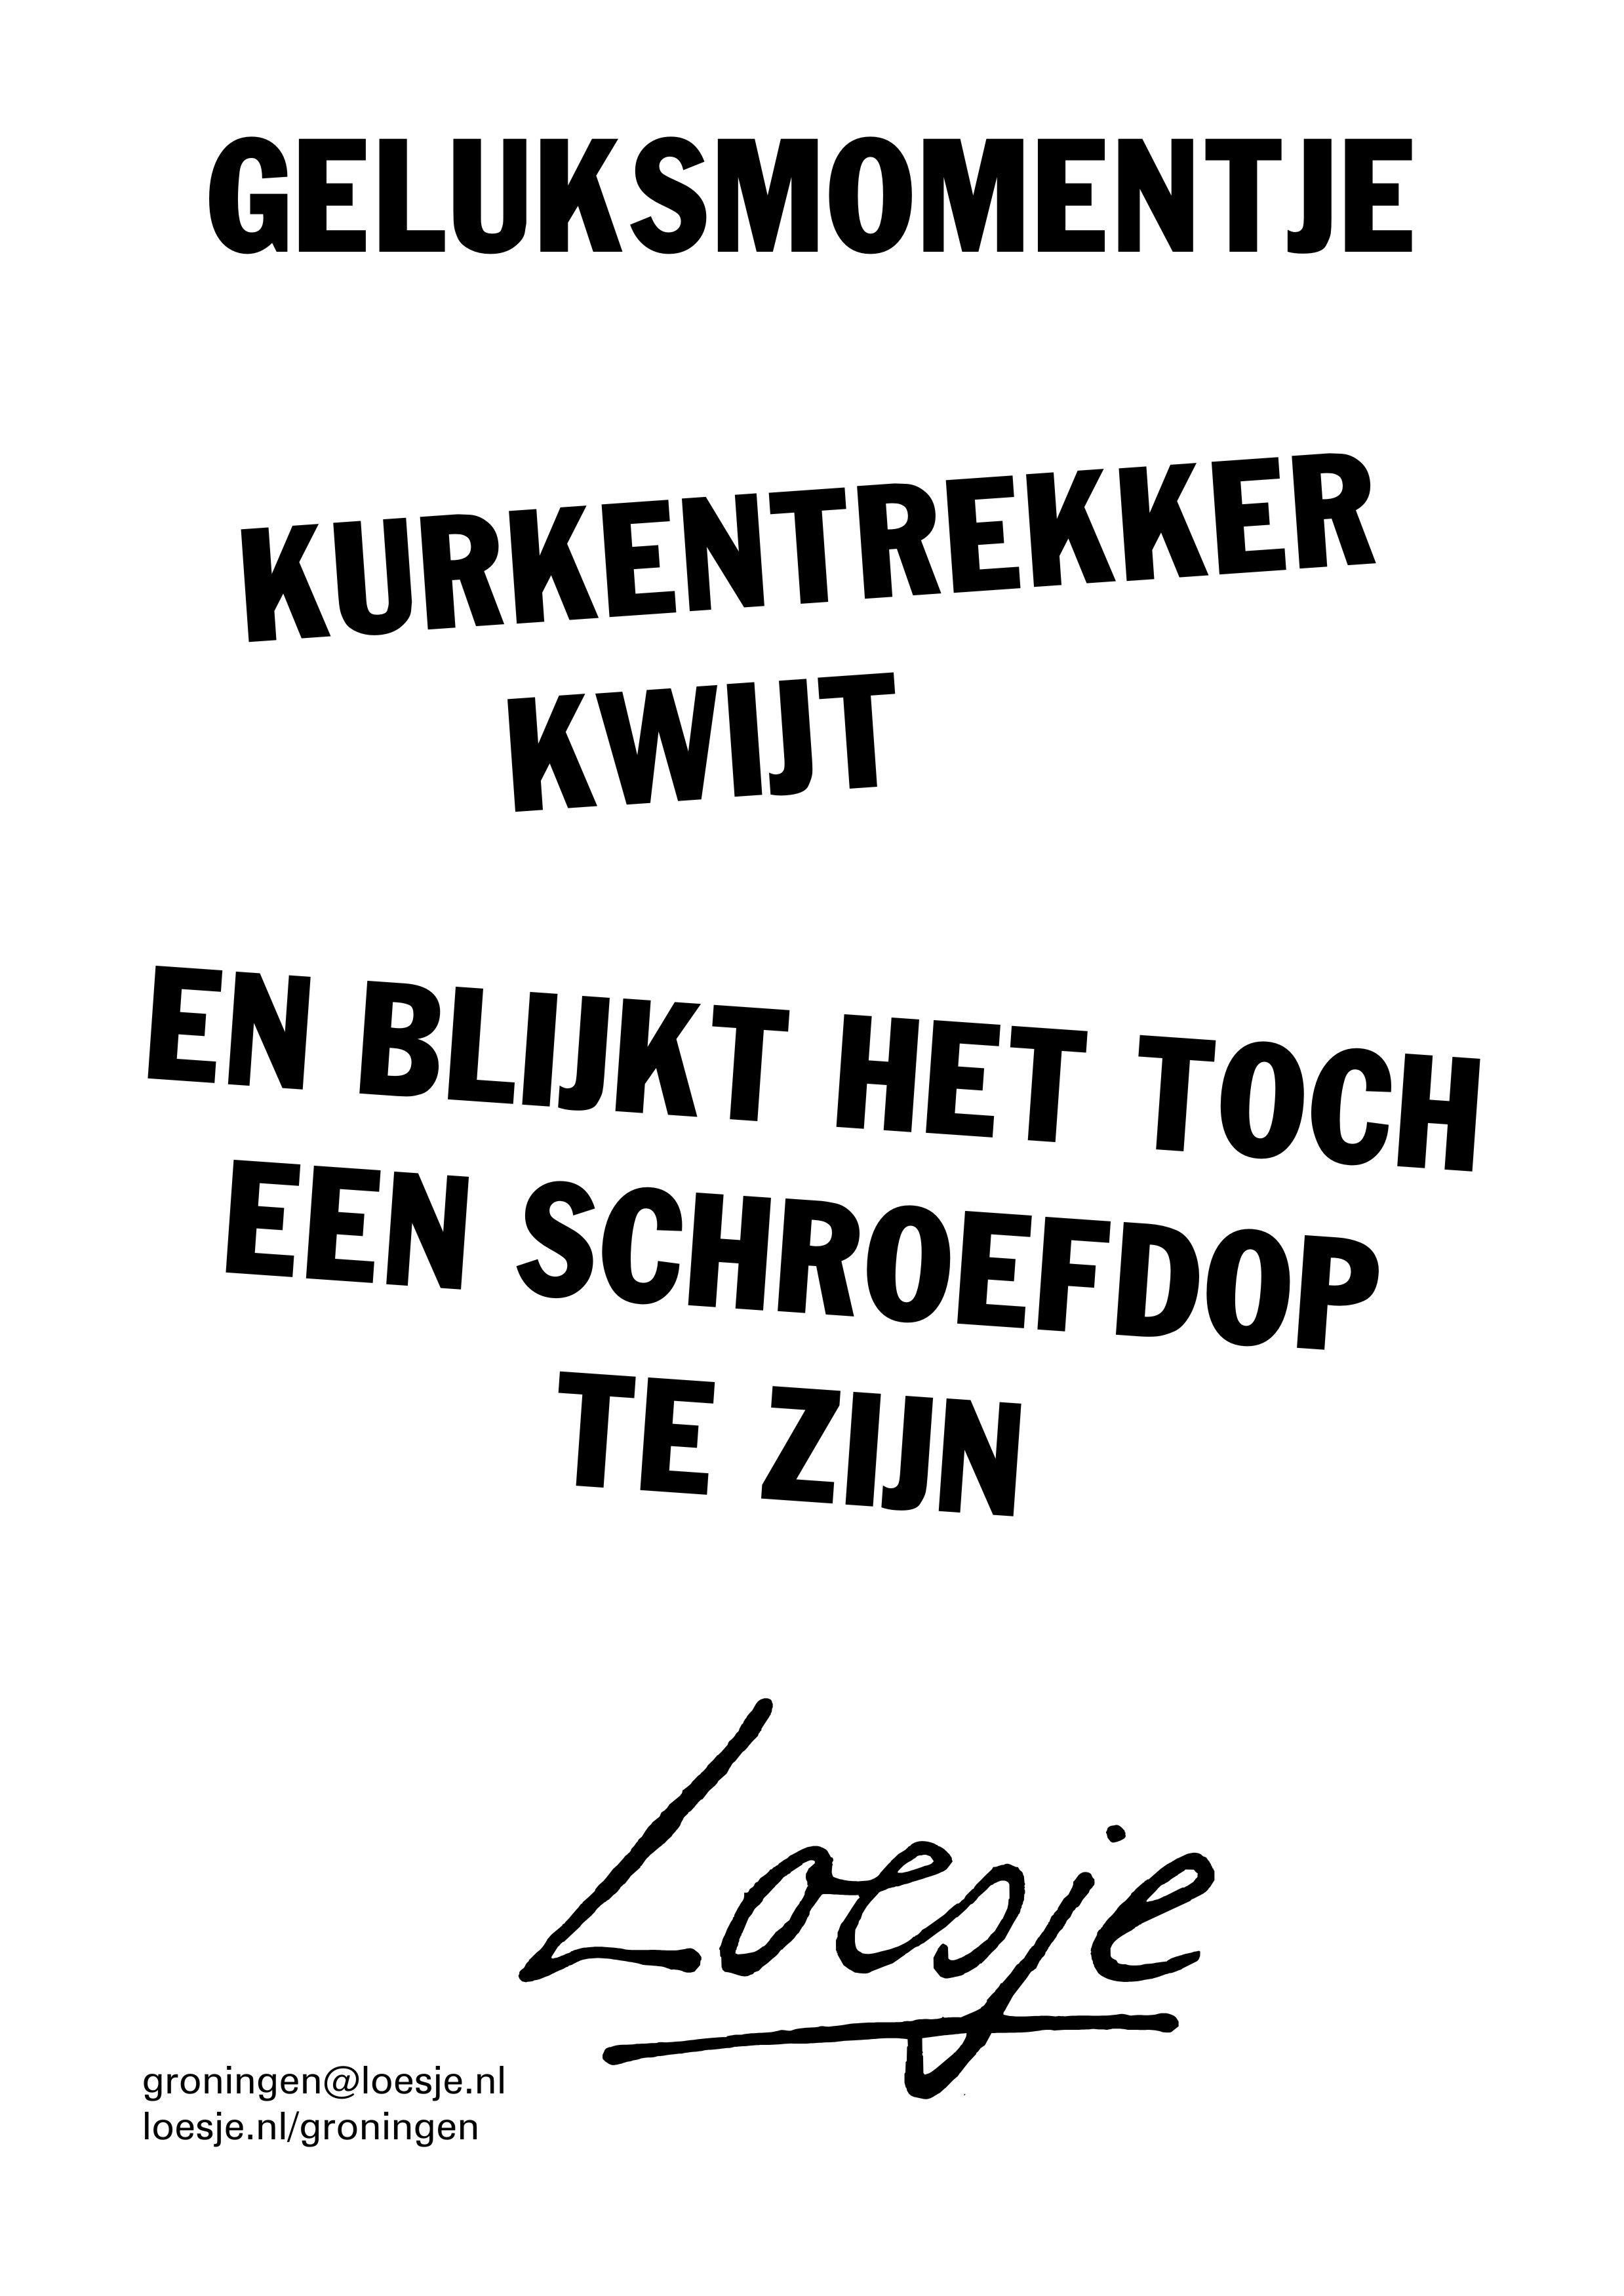 Citaten Loesje Posters : Geluksmomentje kurkentrekker kwijt en blijkt het toch een